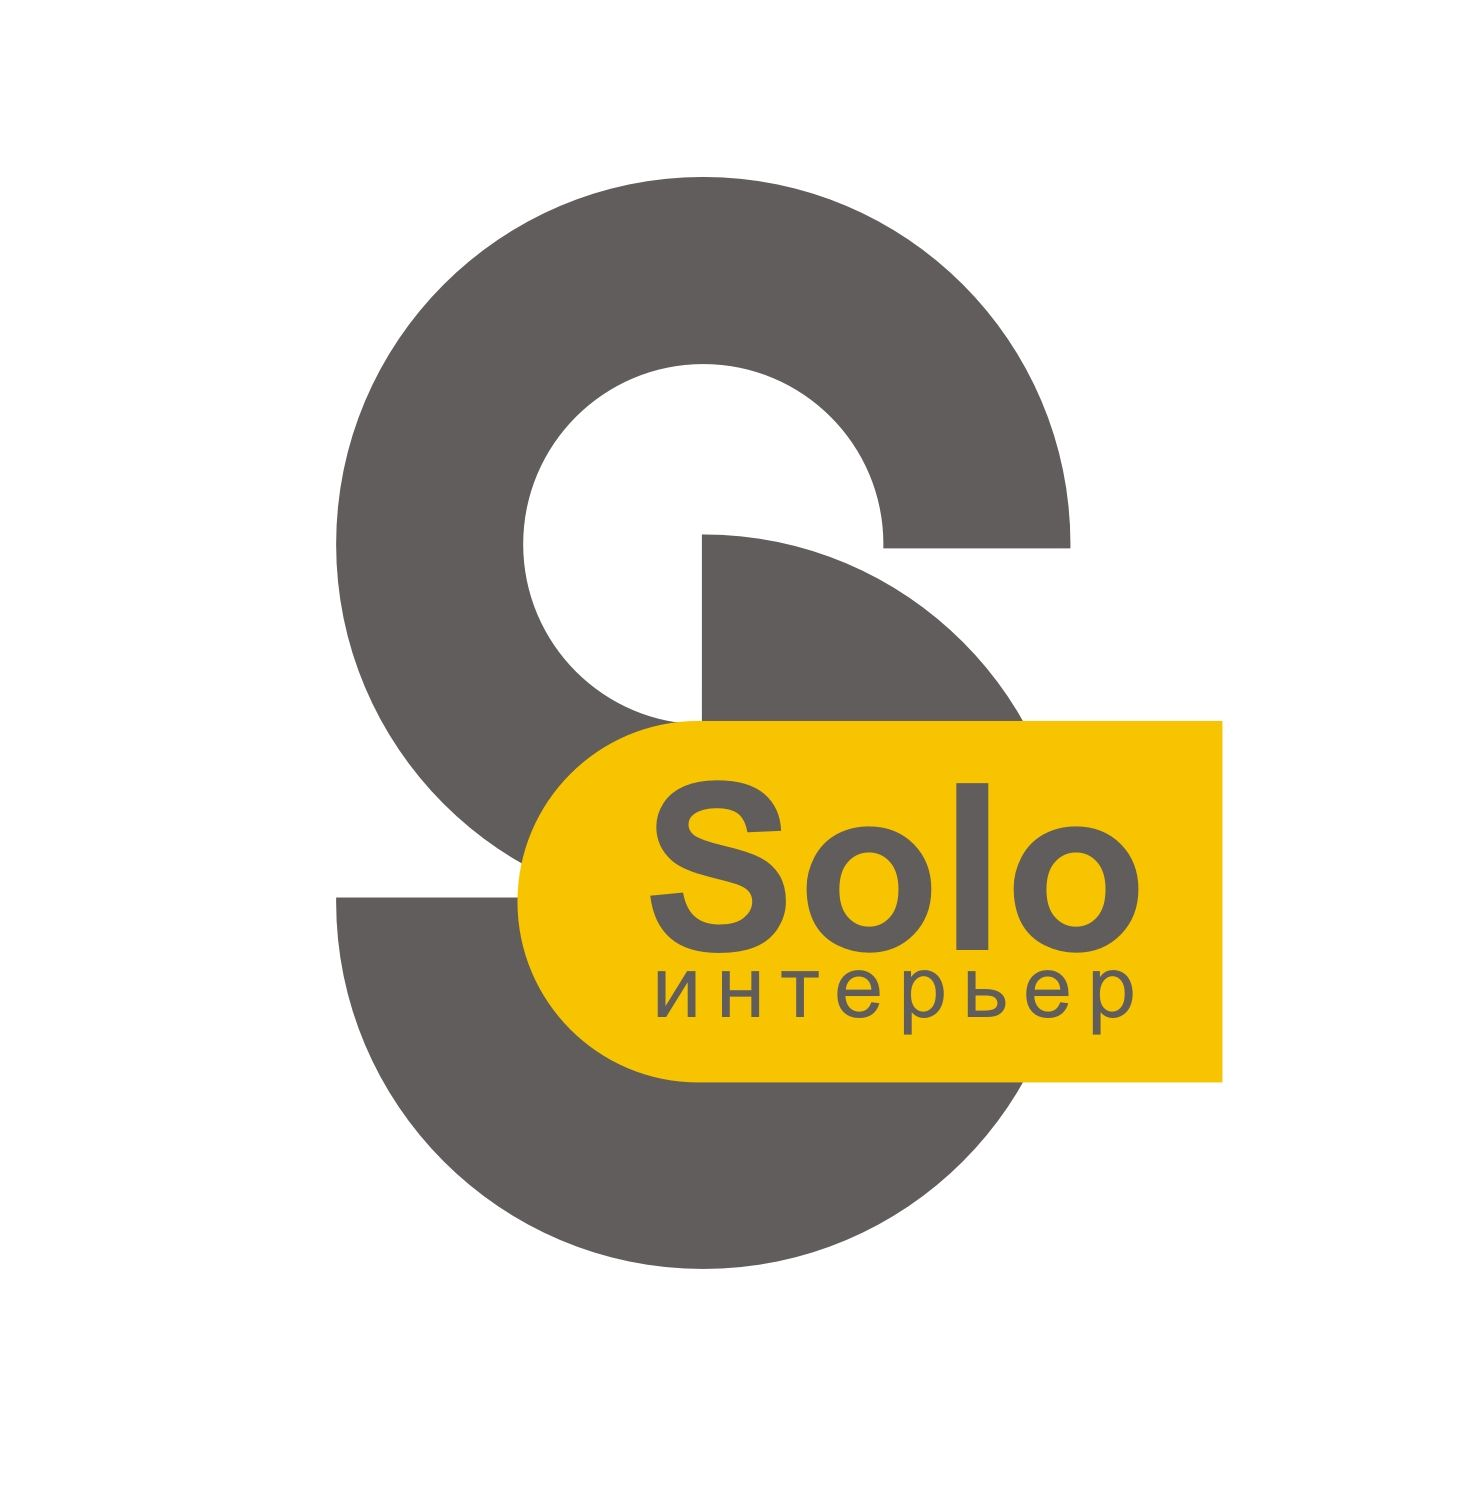 Редизайн логотипа - дизайнер Kairat_D